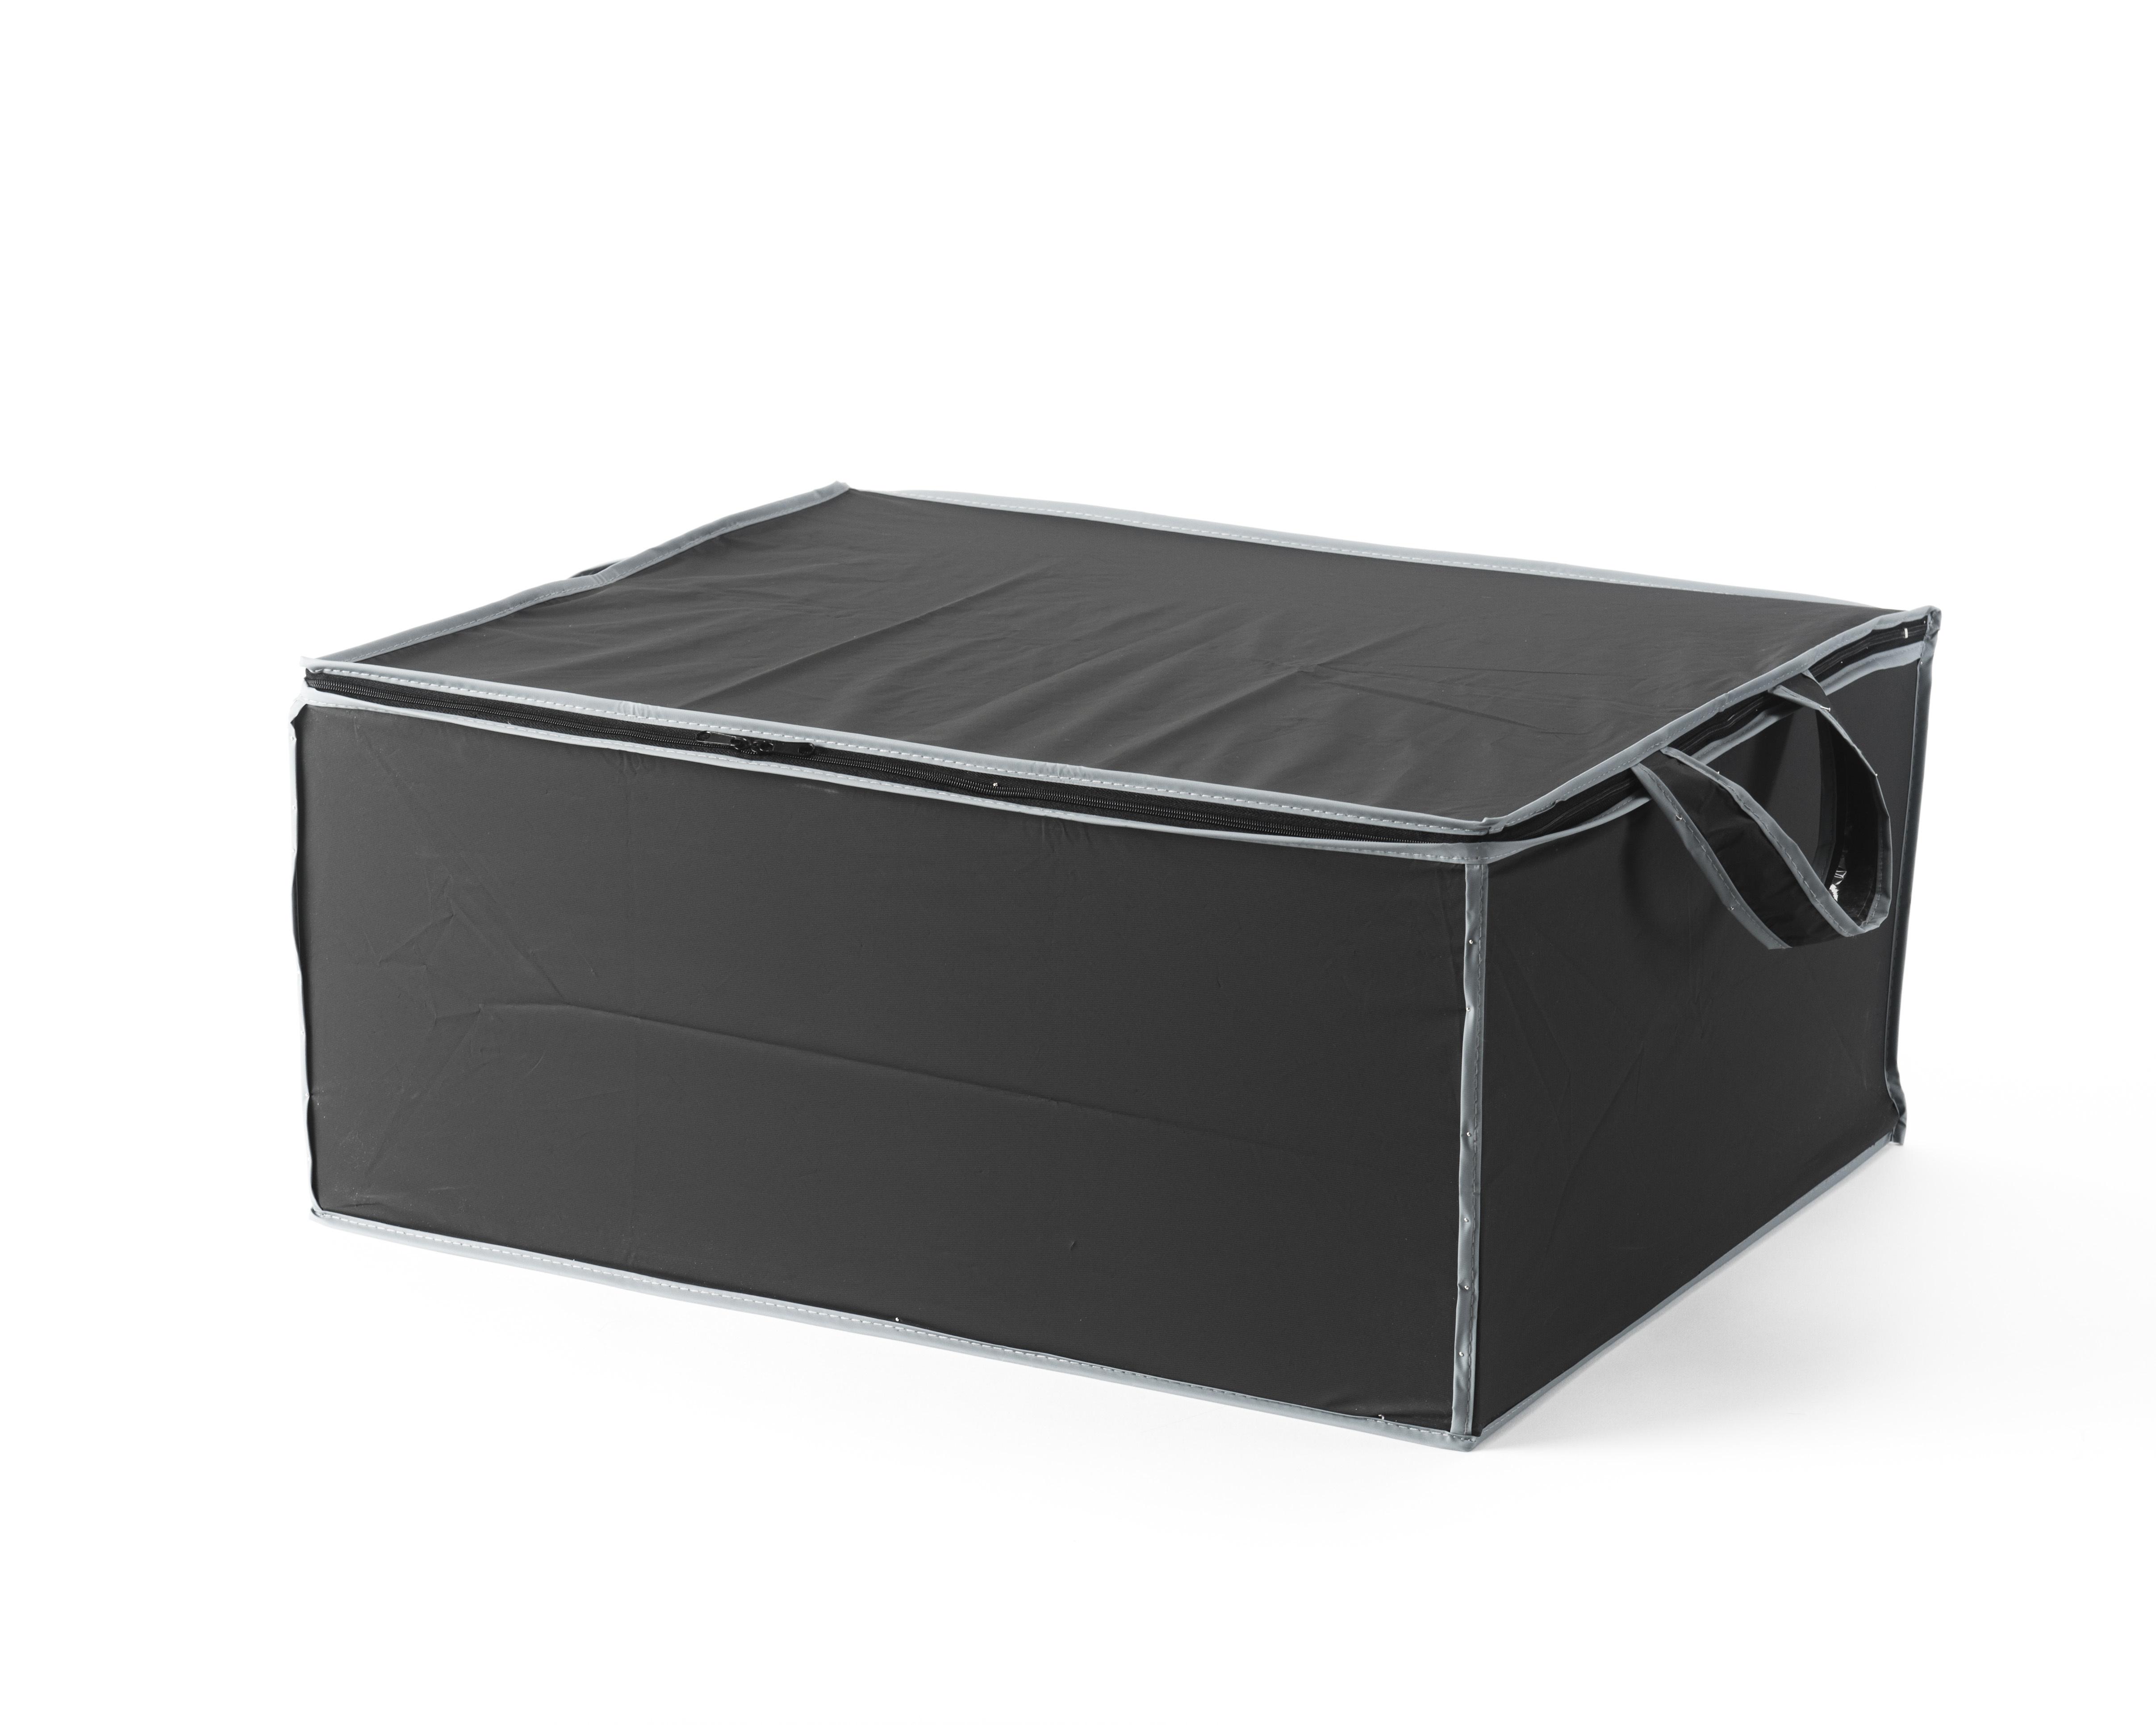 compactor urban housse pour couette size1 noir ran6273 pas cher achat vente housse. Black Bedroom Furniture Sets. Home Design Ideas